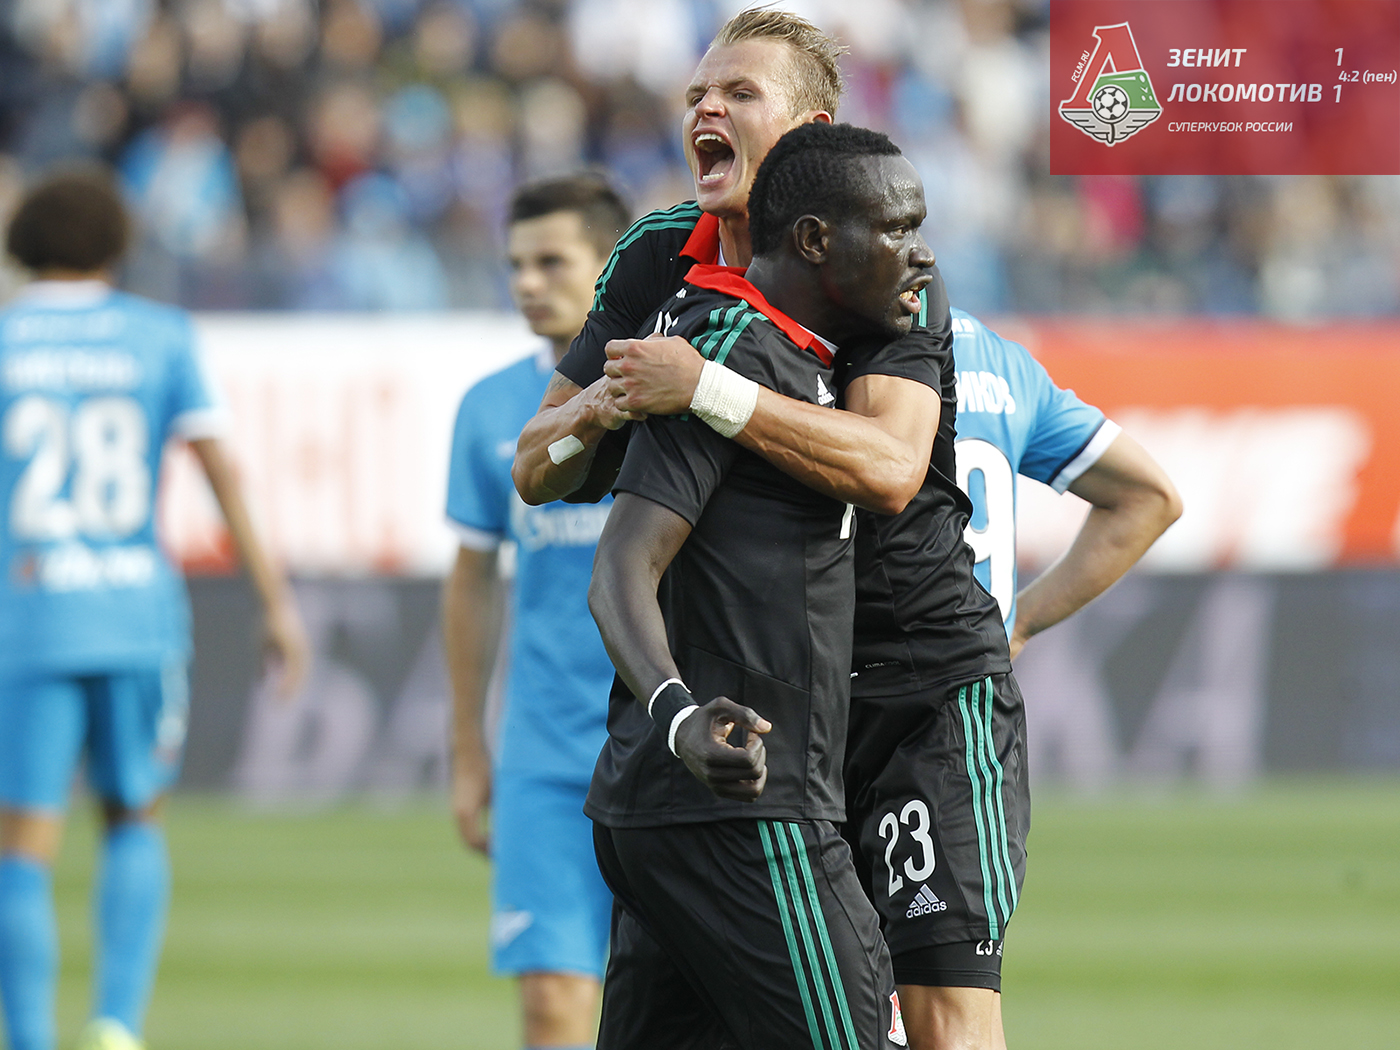 «Зенит» - «Локомотив» - 1:1 (4:2 пен)